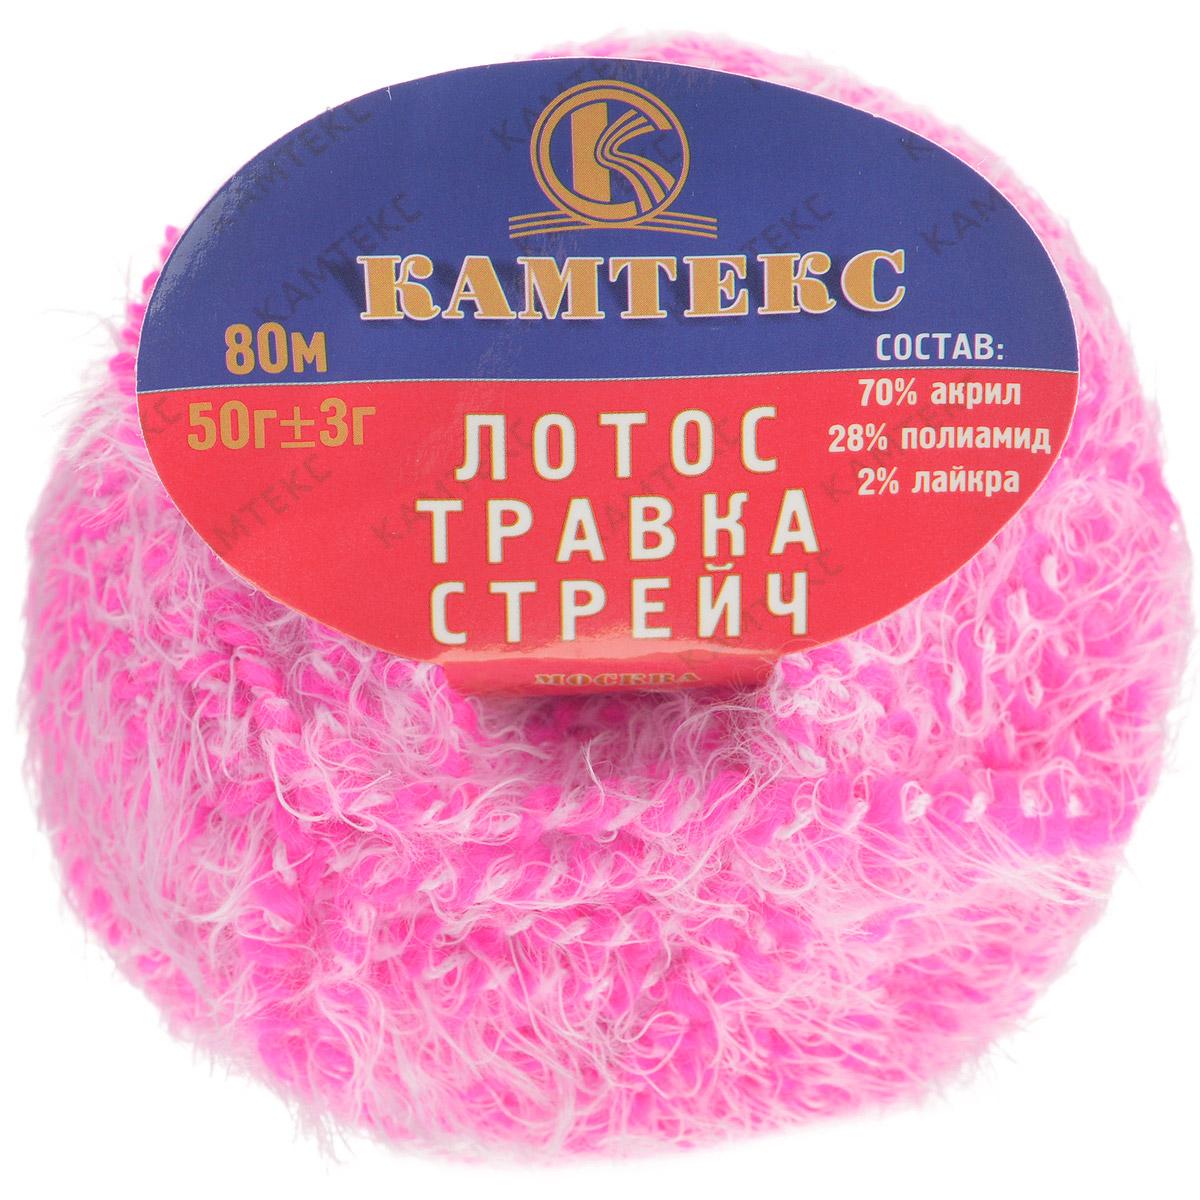 Пряжа для вязания Камтекс Лотос травка стрейч, цвет: малиновый (224), 80 м, 50 г, 10 шт136081_224Пряжа для вязания Камтекс Лотос травка стрейч имеет интересный и необычный состав: 70% акрил, 28% полиамид, 2% лайкра. Акрил отвечает за мягкость, полиамид за прочность и формоустойчивость, а лайкра делает полотно необыкновенно эластичным. Эта волшебная плюшевая ниточка удивляет своей мягкостью, вяжется очень просто и быстро, ворсинки не путаются. Из этой пряжи получатся замечательные мягкие игрушки, которые будут, не только приятны, но и абсолютно безопасны для маленьких детей. А яркие и сочные оттенки подарят ребенку радость и хорошее настроение.